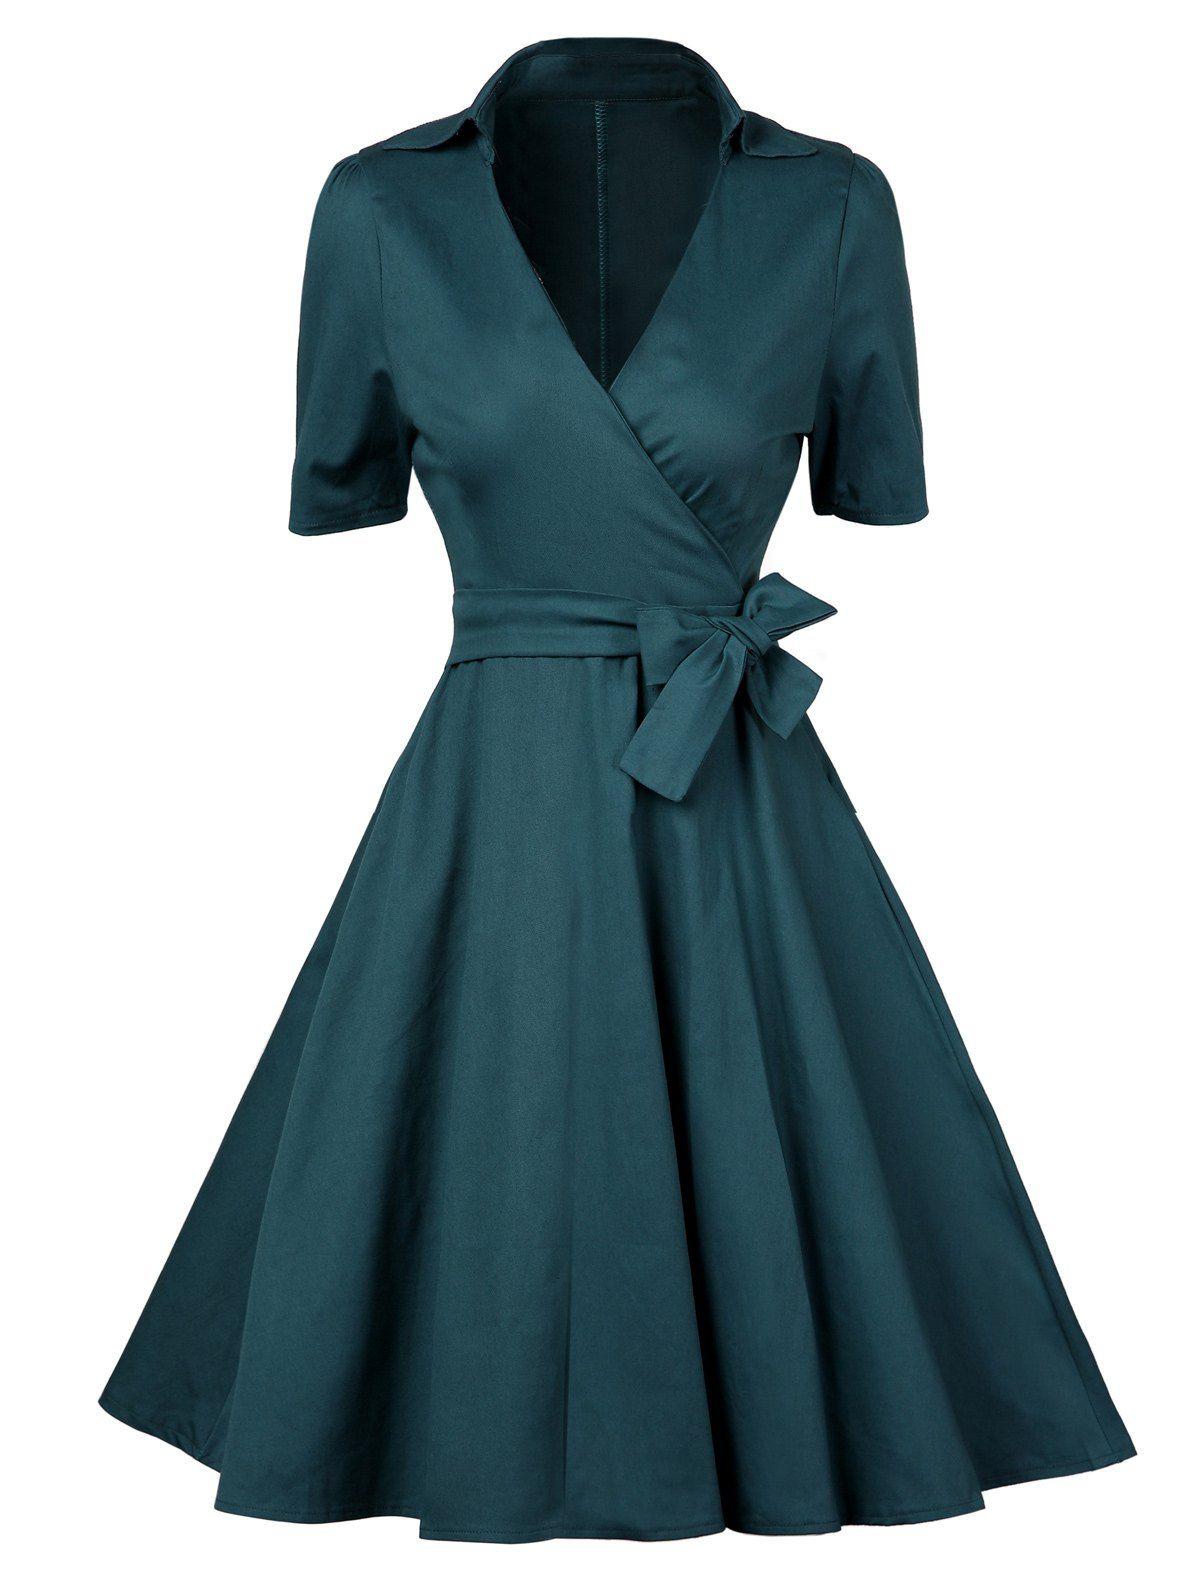 Low Cut Vintage Wrap Dress | Wrap dresses, Wraps and Vintage